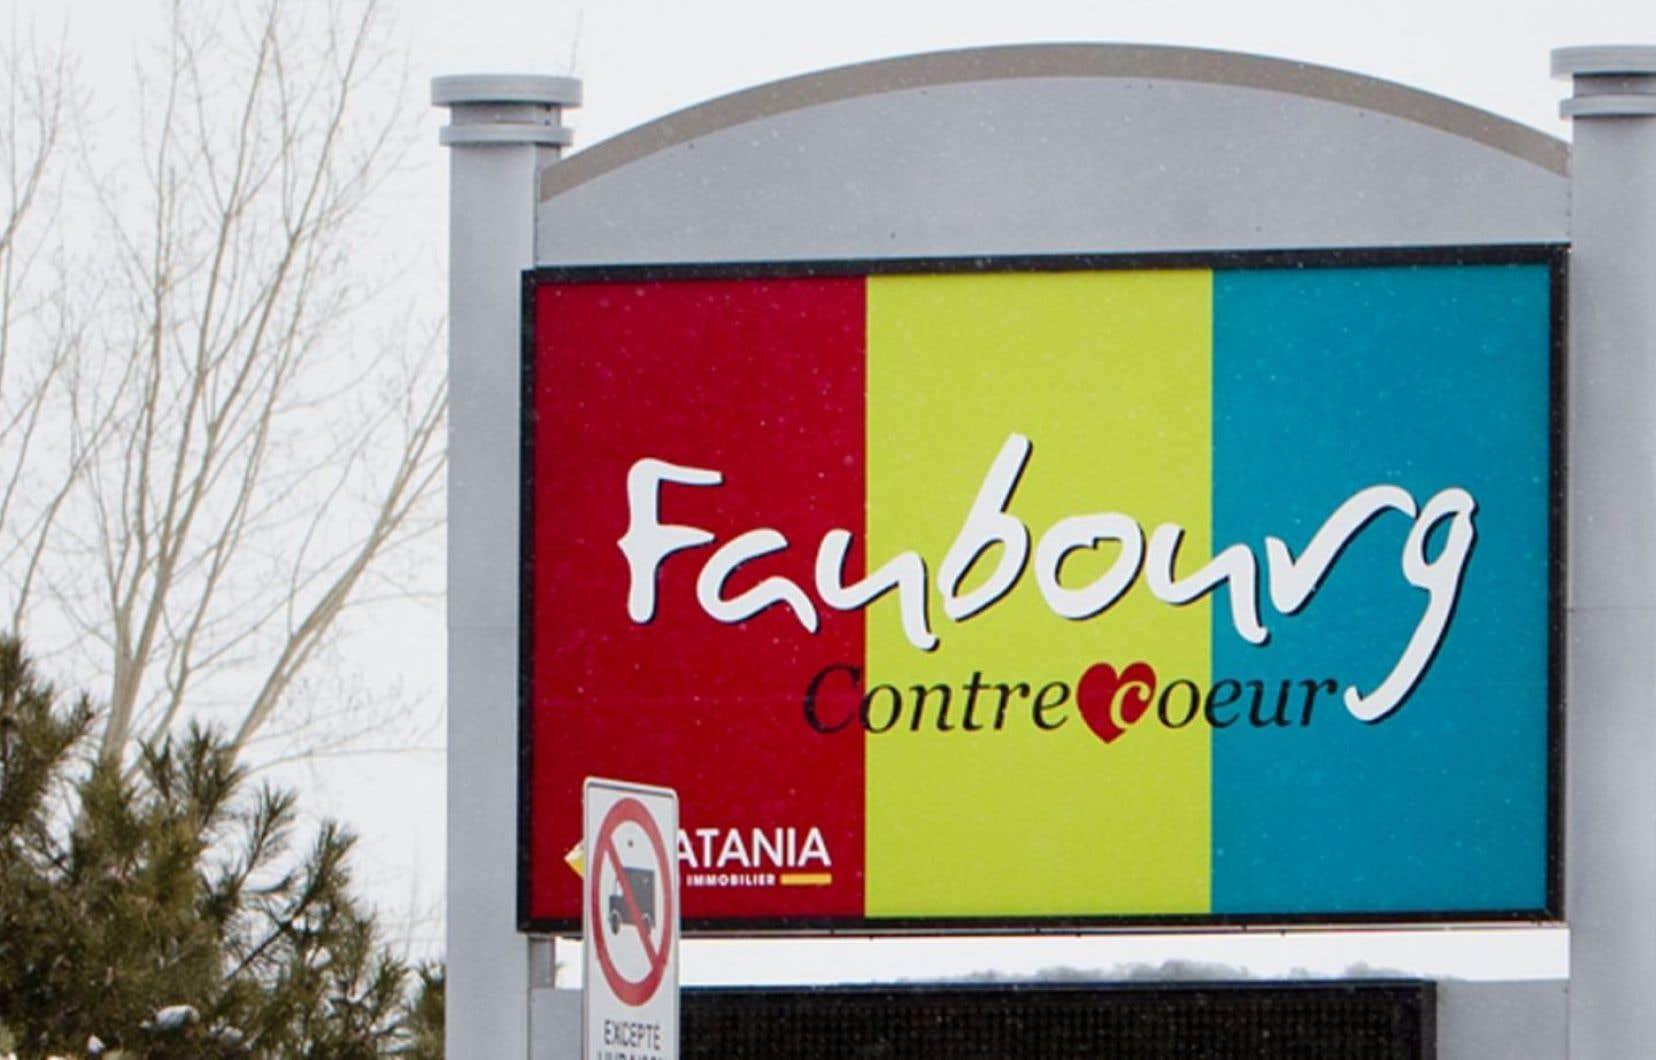 L'entreprise Congeres appartient à Pascal Patrice, qui fait face à plusieurs accusations criminelles dans le dossier du Faubourg Contrecoeur et qui subit présentement son procès.